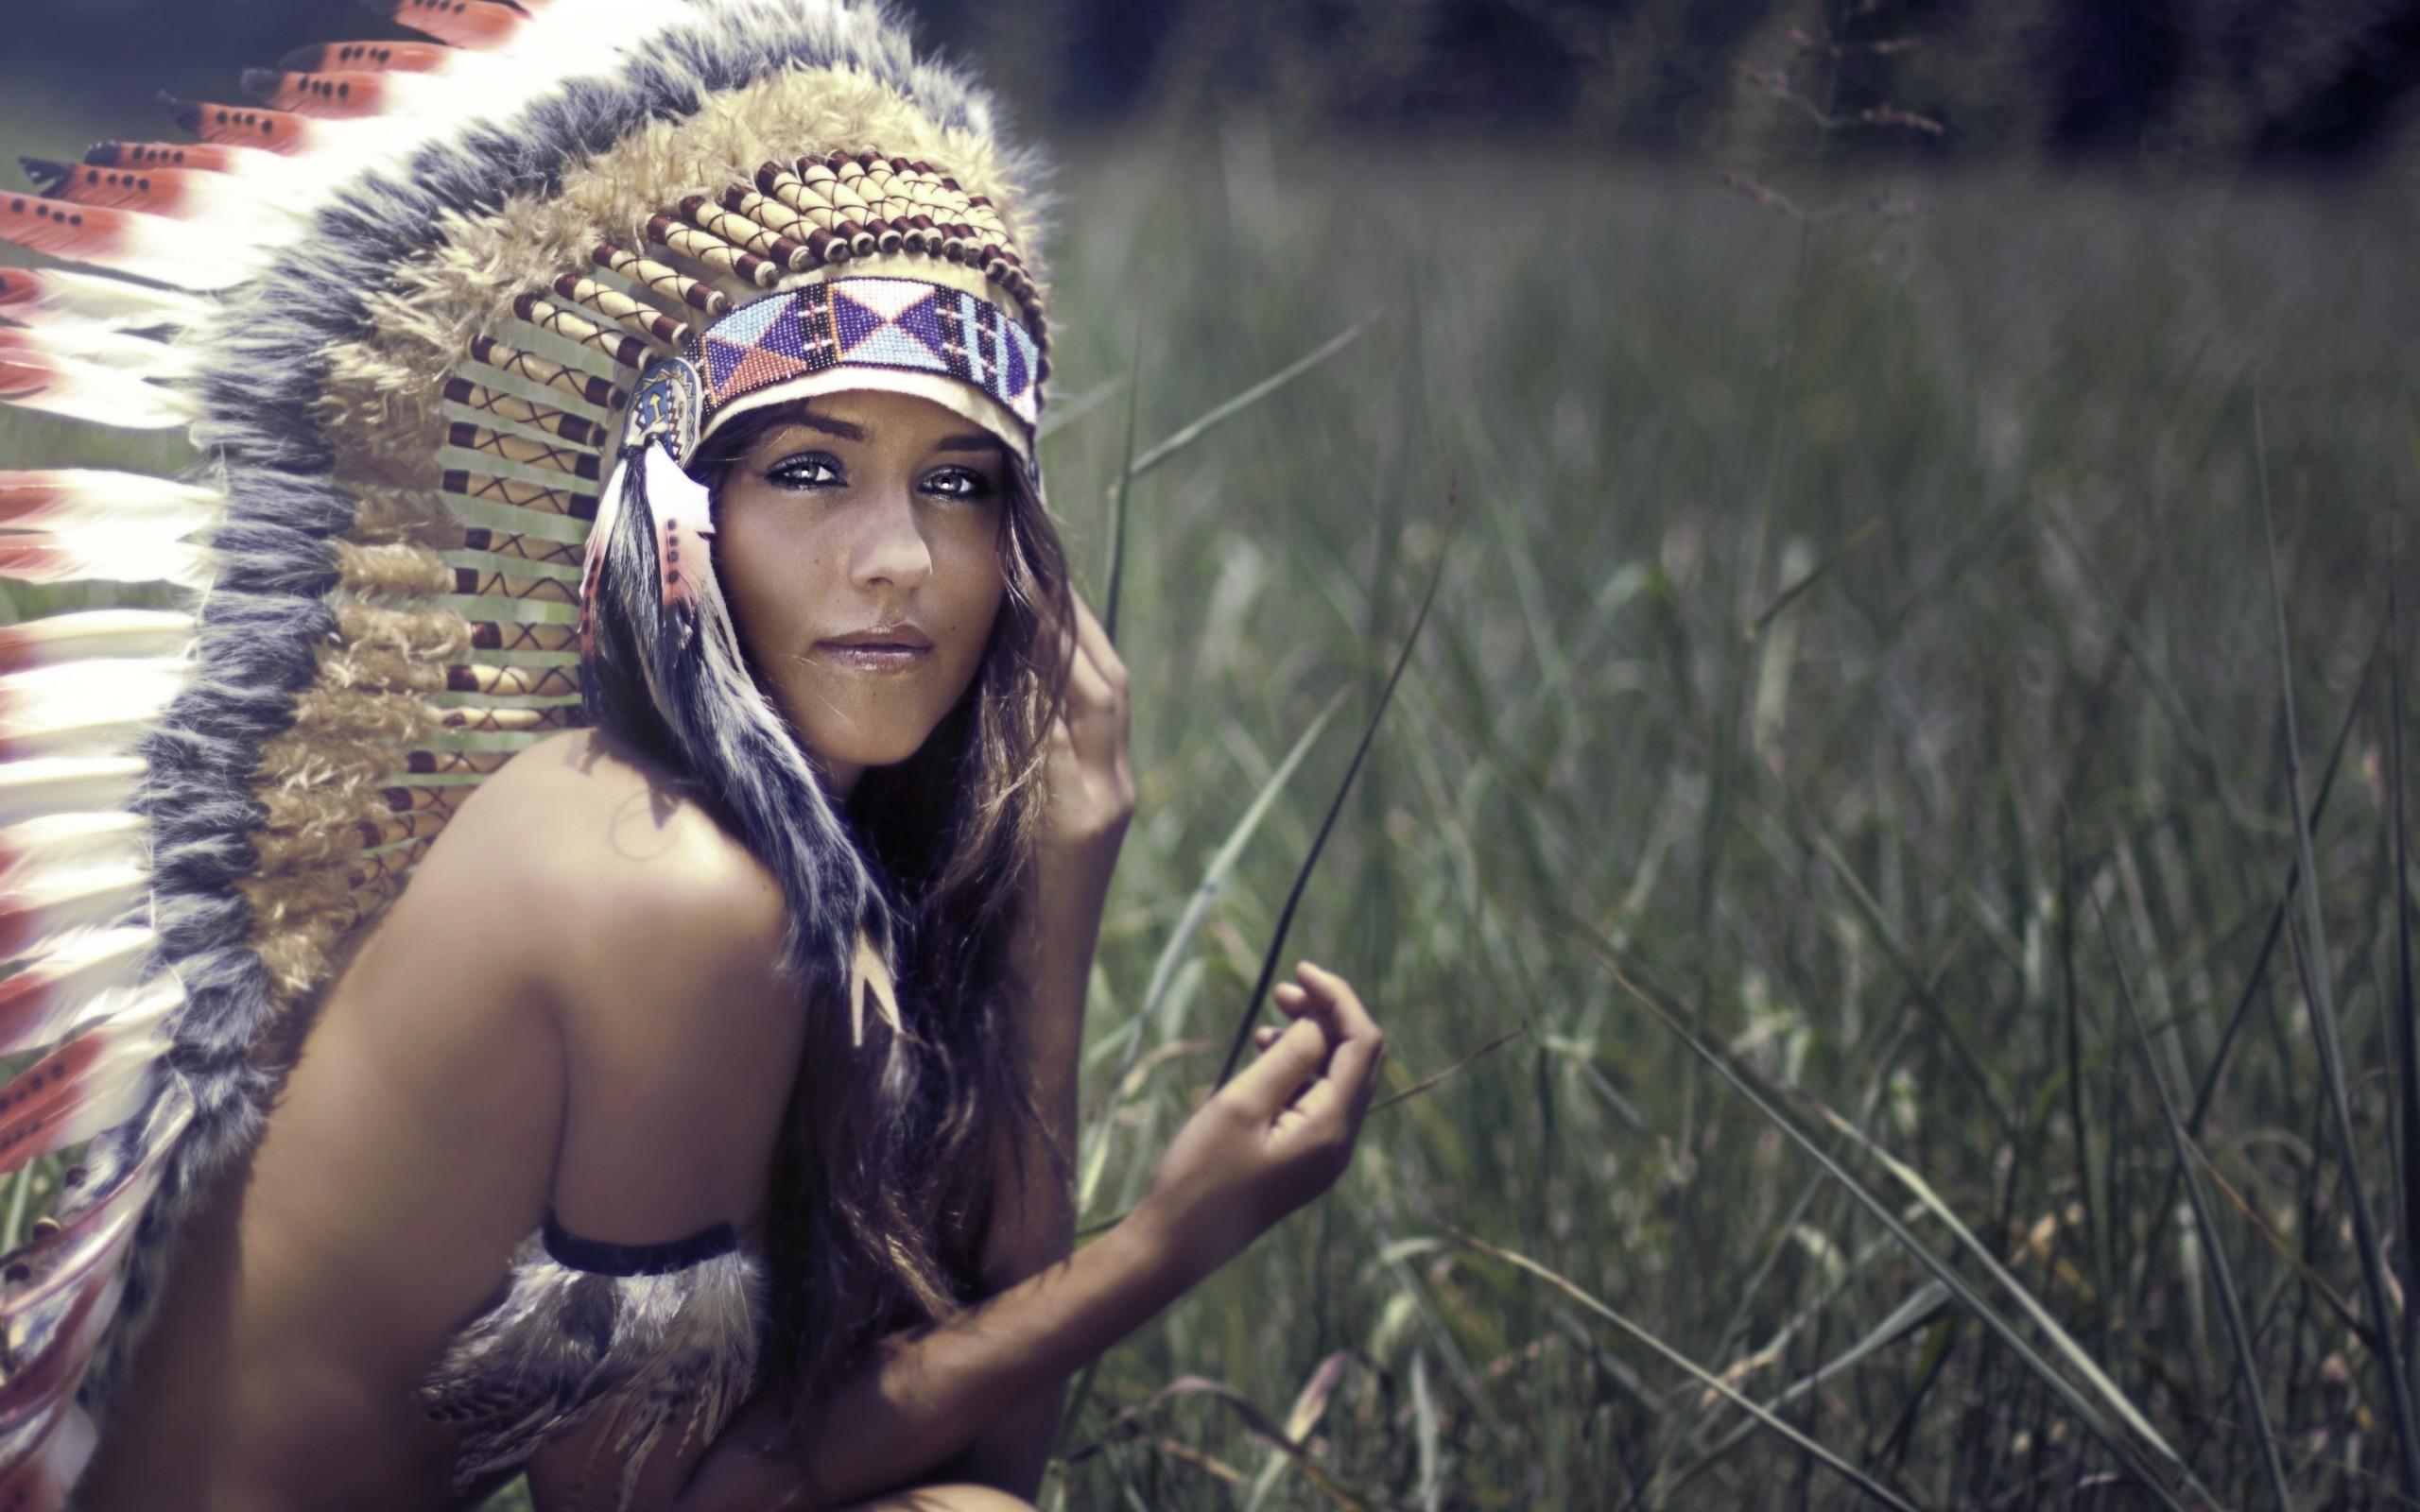 … wallpaper wiki; native americans brunette headdress women strategic  covering …